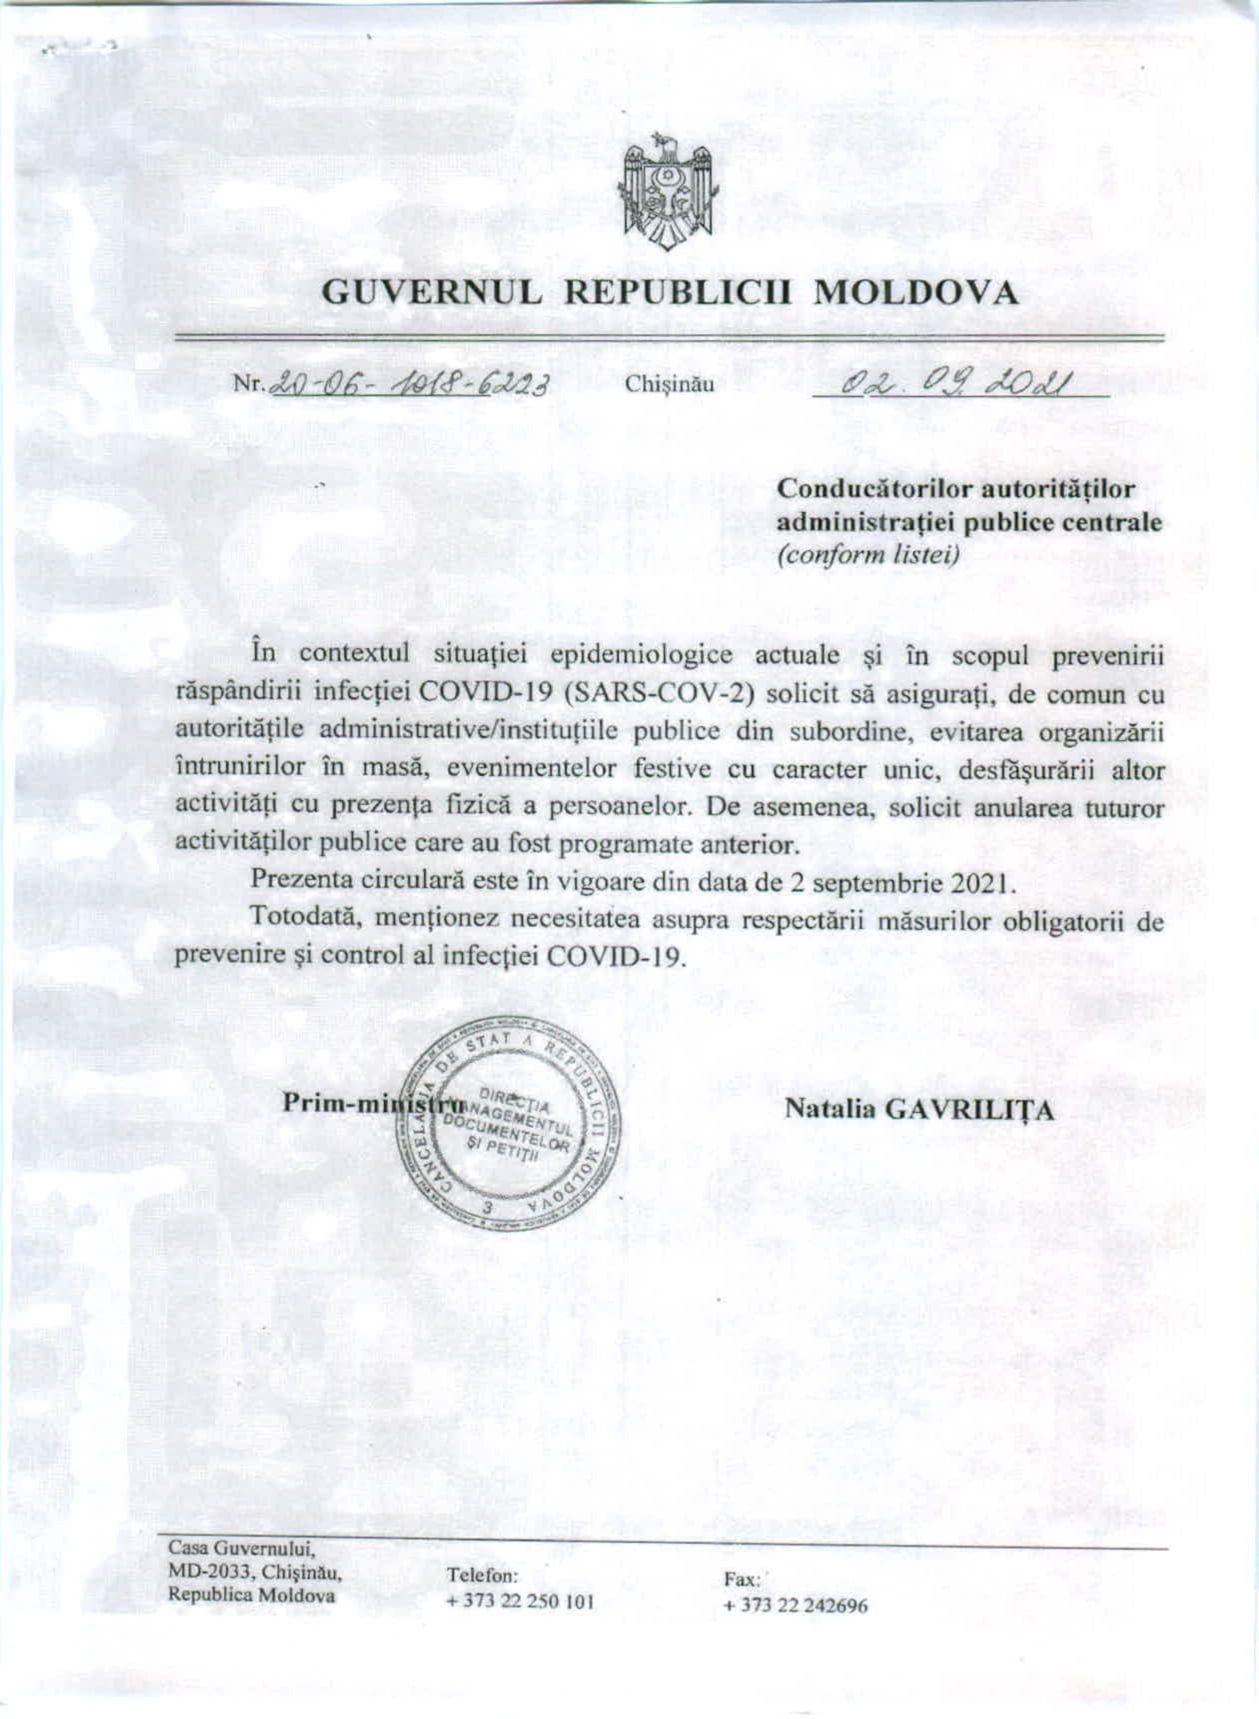 Evenimentele dedicate Zilei Naționale a Vinului au fost anulate în contextul răspândirii virusului COVID-19